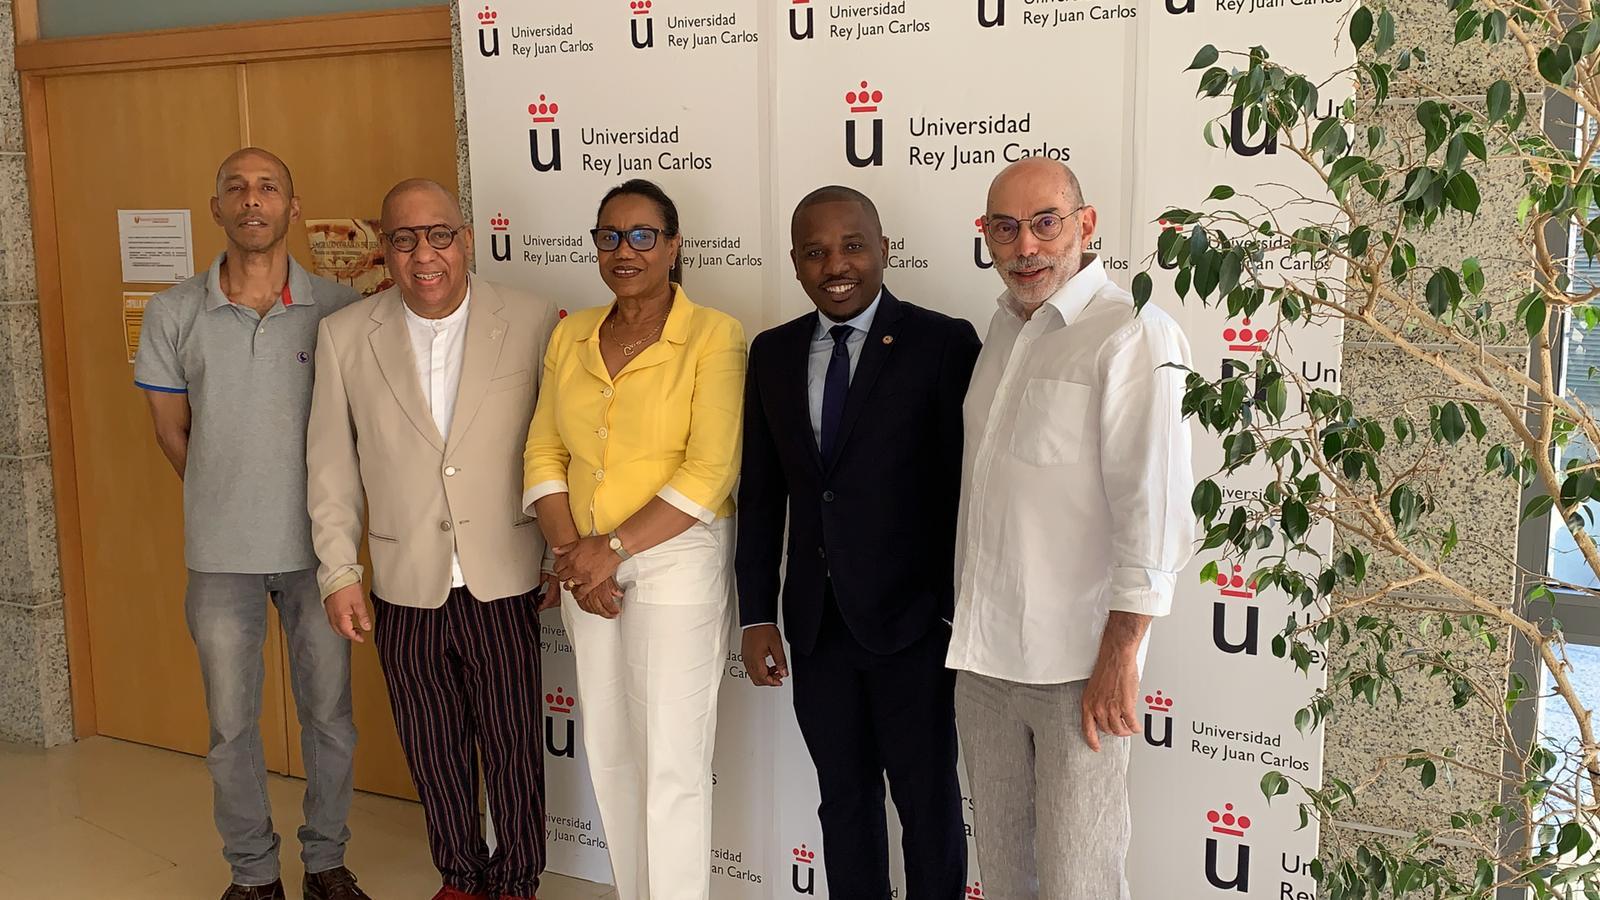 Claude Joseph (veste bleu, un peu à droite), le nouveau Chargé d'Affaires de l'Ambassade D'Haïti en Espagne pose avec les responsables de l'Université Rey Juan Carlos./Photo: Ambassade d'Haiti en Espagne.